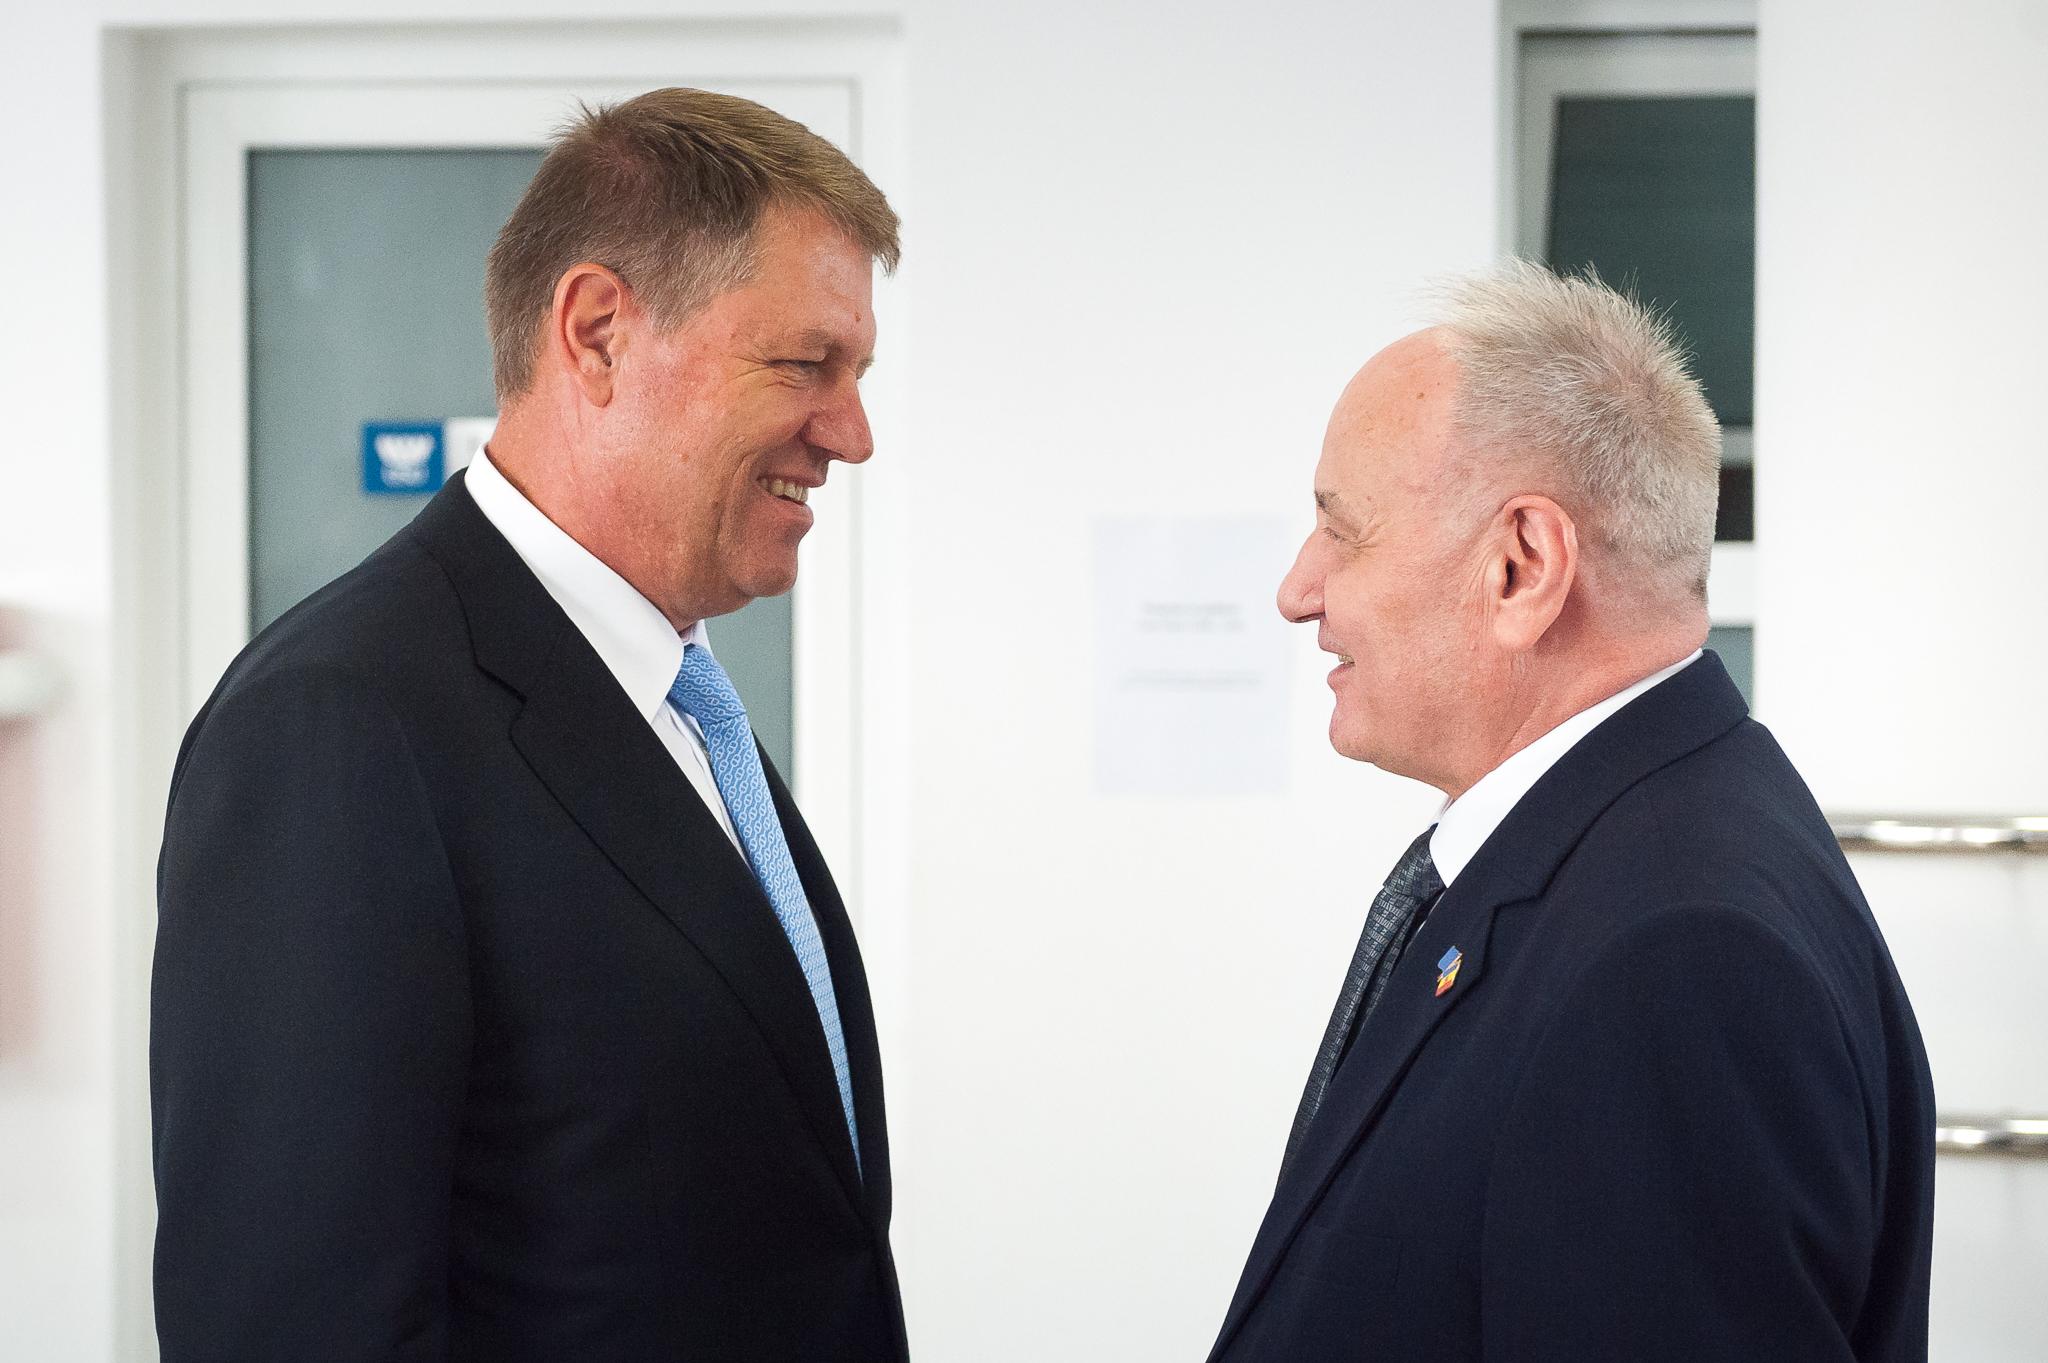 Dupa a doua zi de proteste la Chisinau, Iohannis l-a sunat pe presedintele Moldovei. Ce decizie au luat dupa convorbirea telefonica